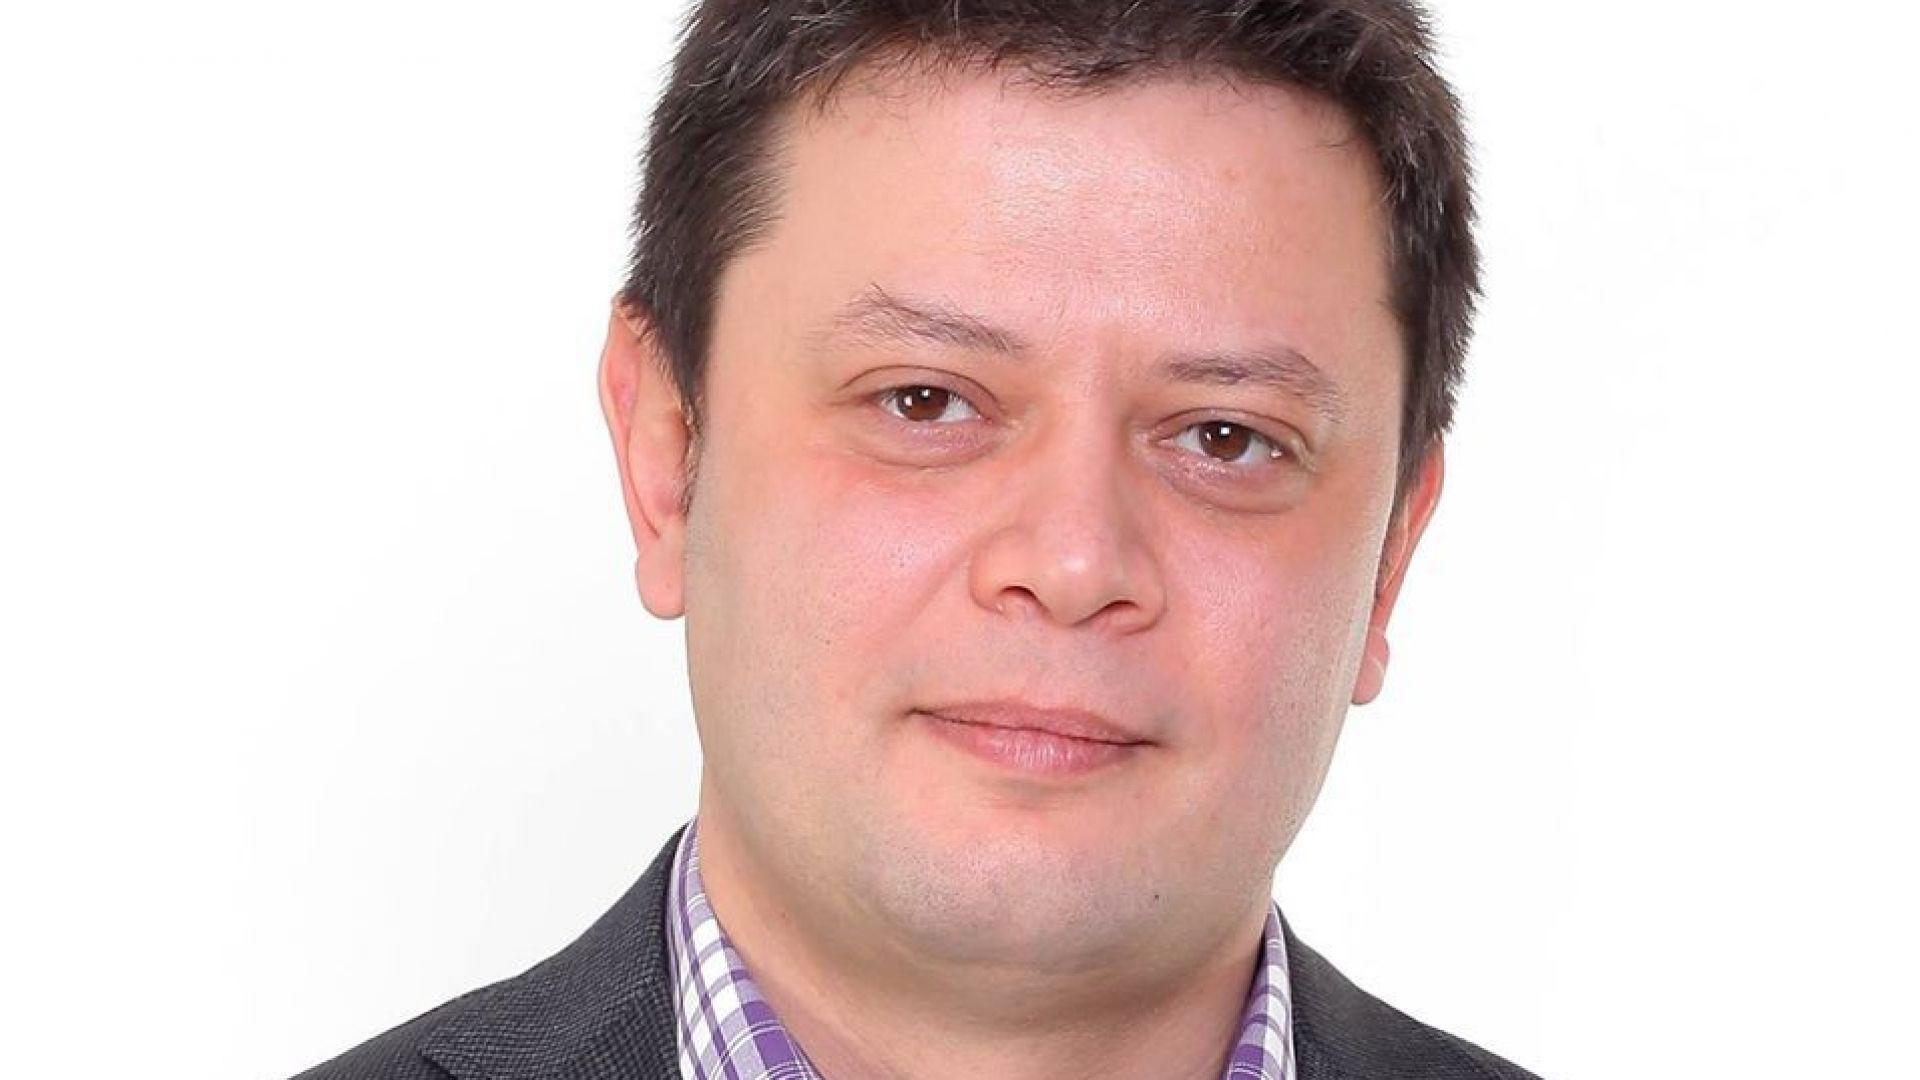 Прокуратурата назначи охрана на заплашвания журналист Николай Стайков